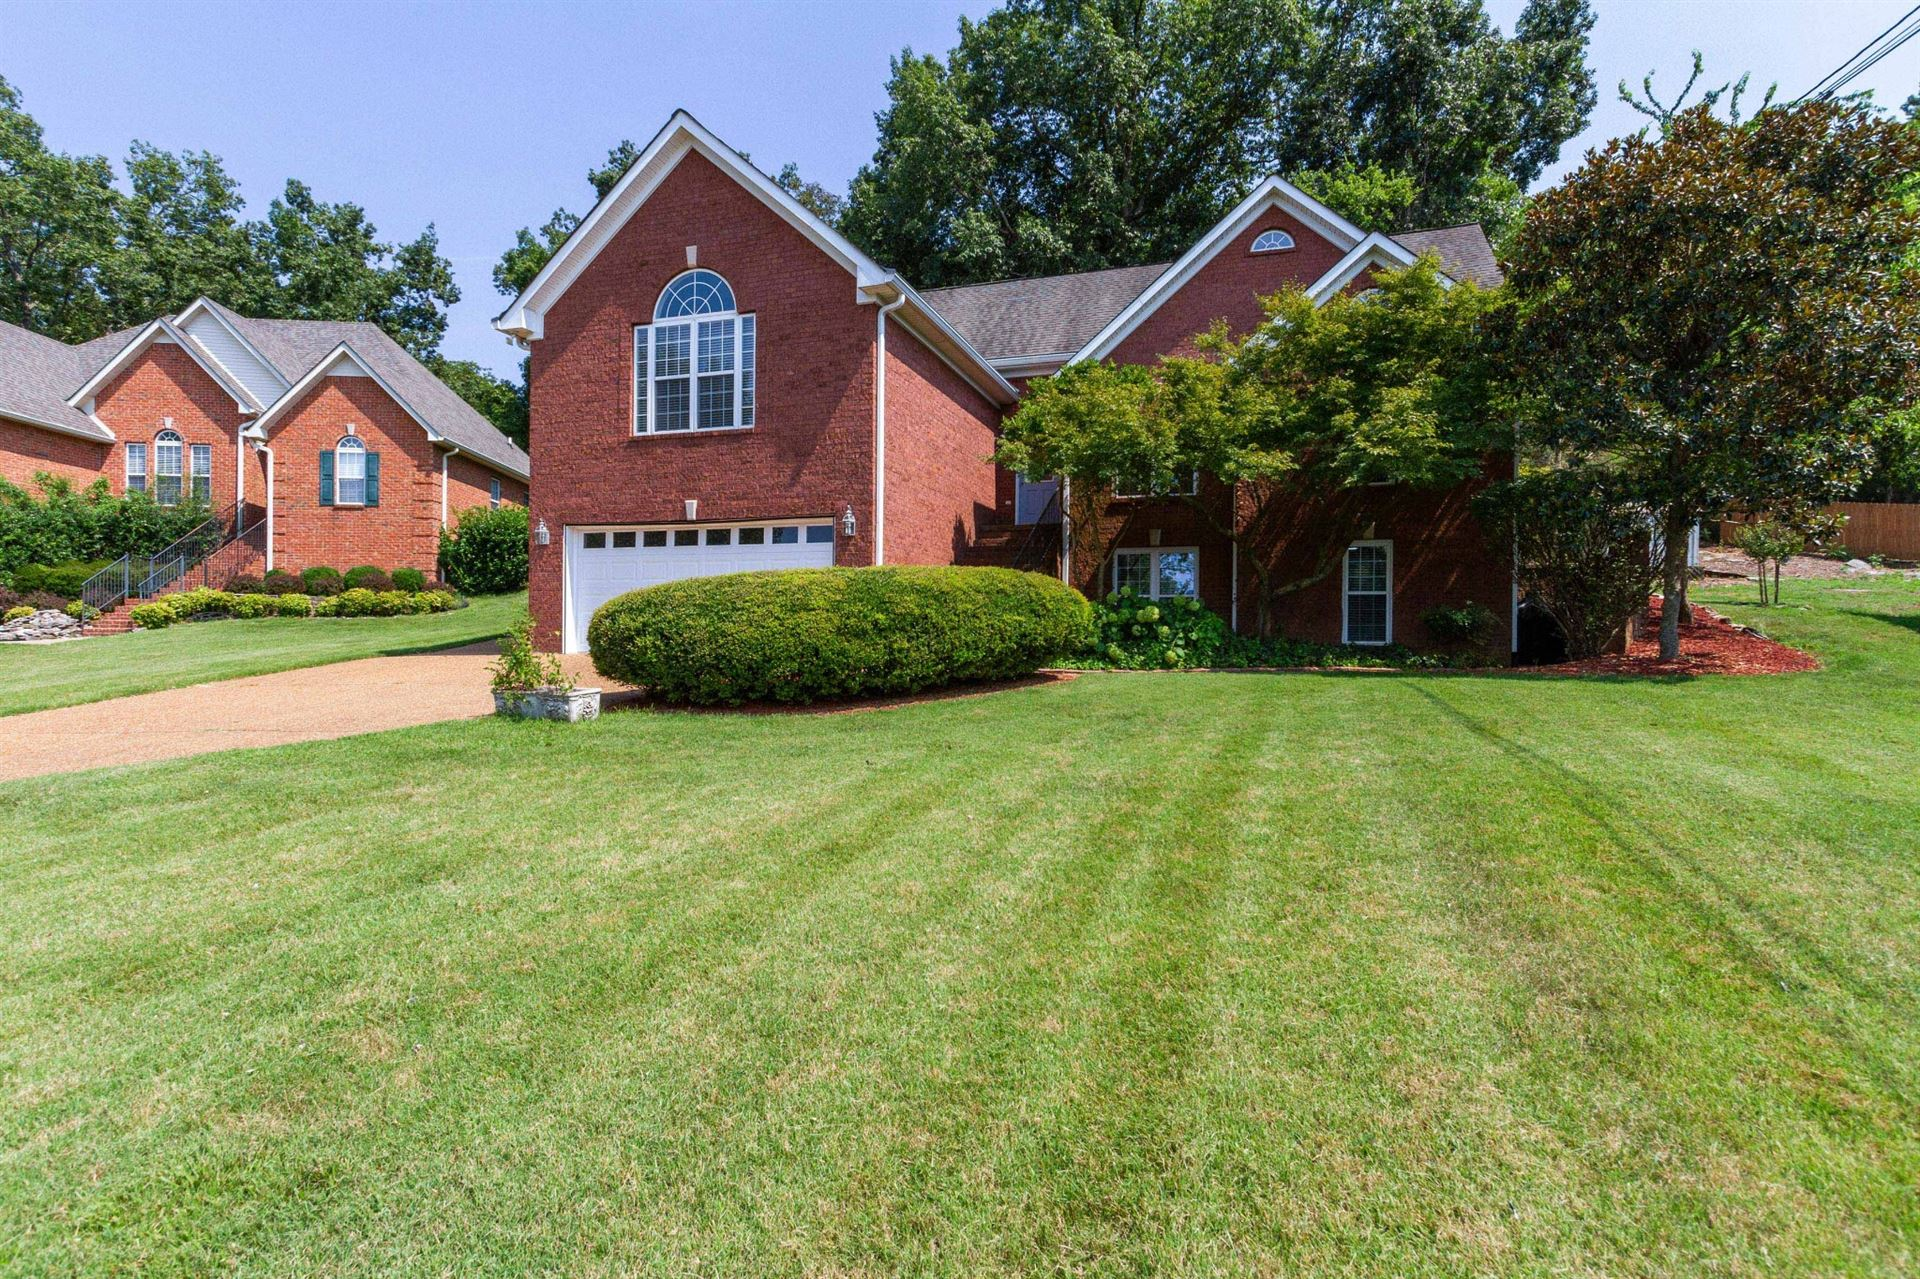 3705 Henricks Hill Dr, Smyrna, TN 37167 - MLS#: 2276772